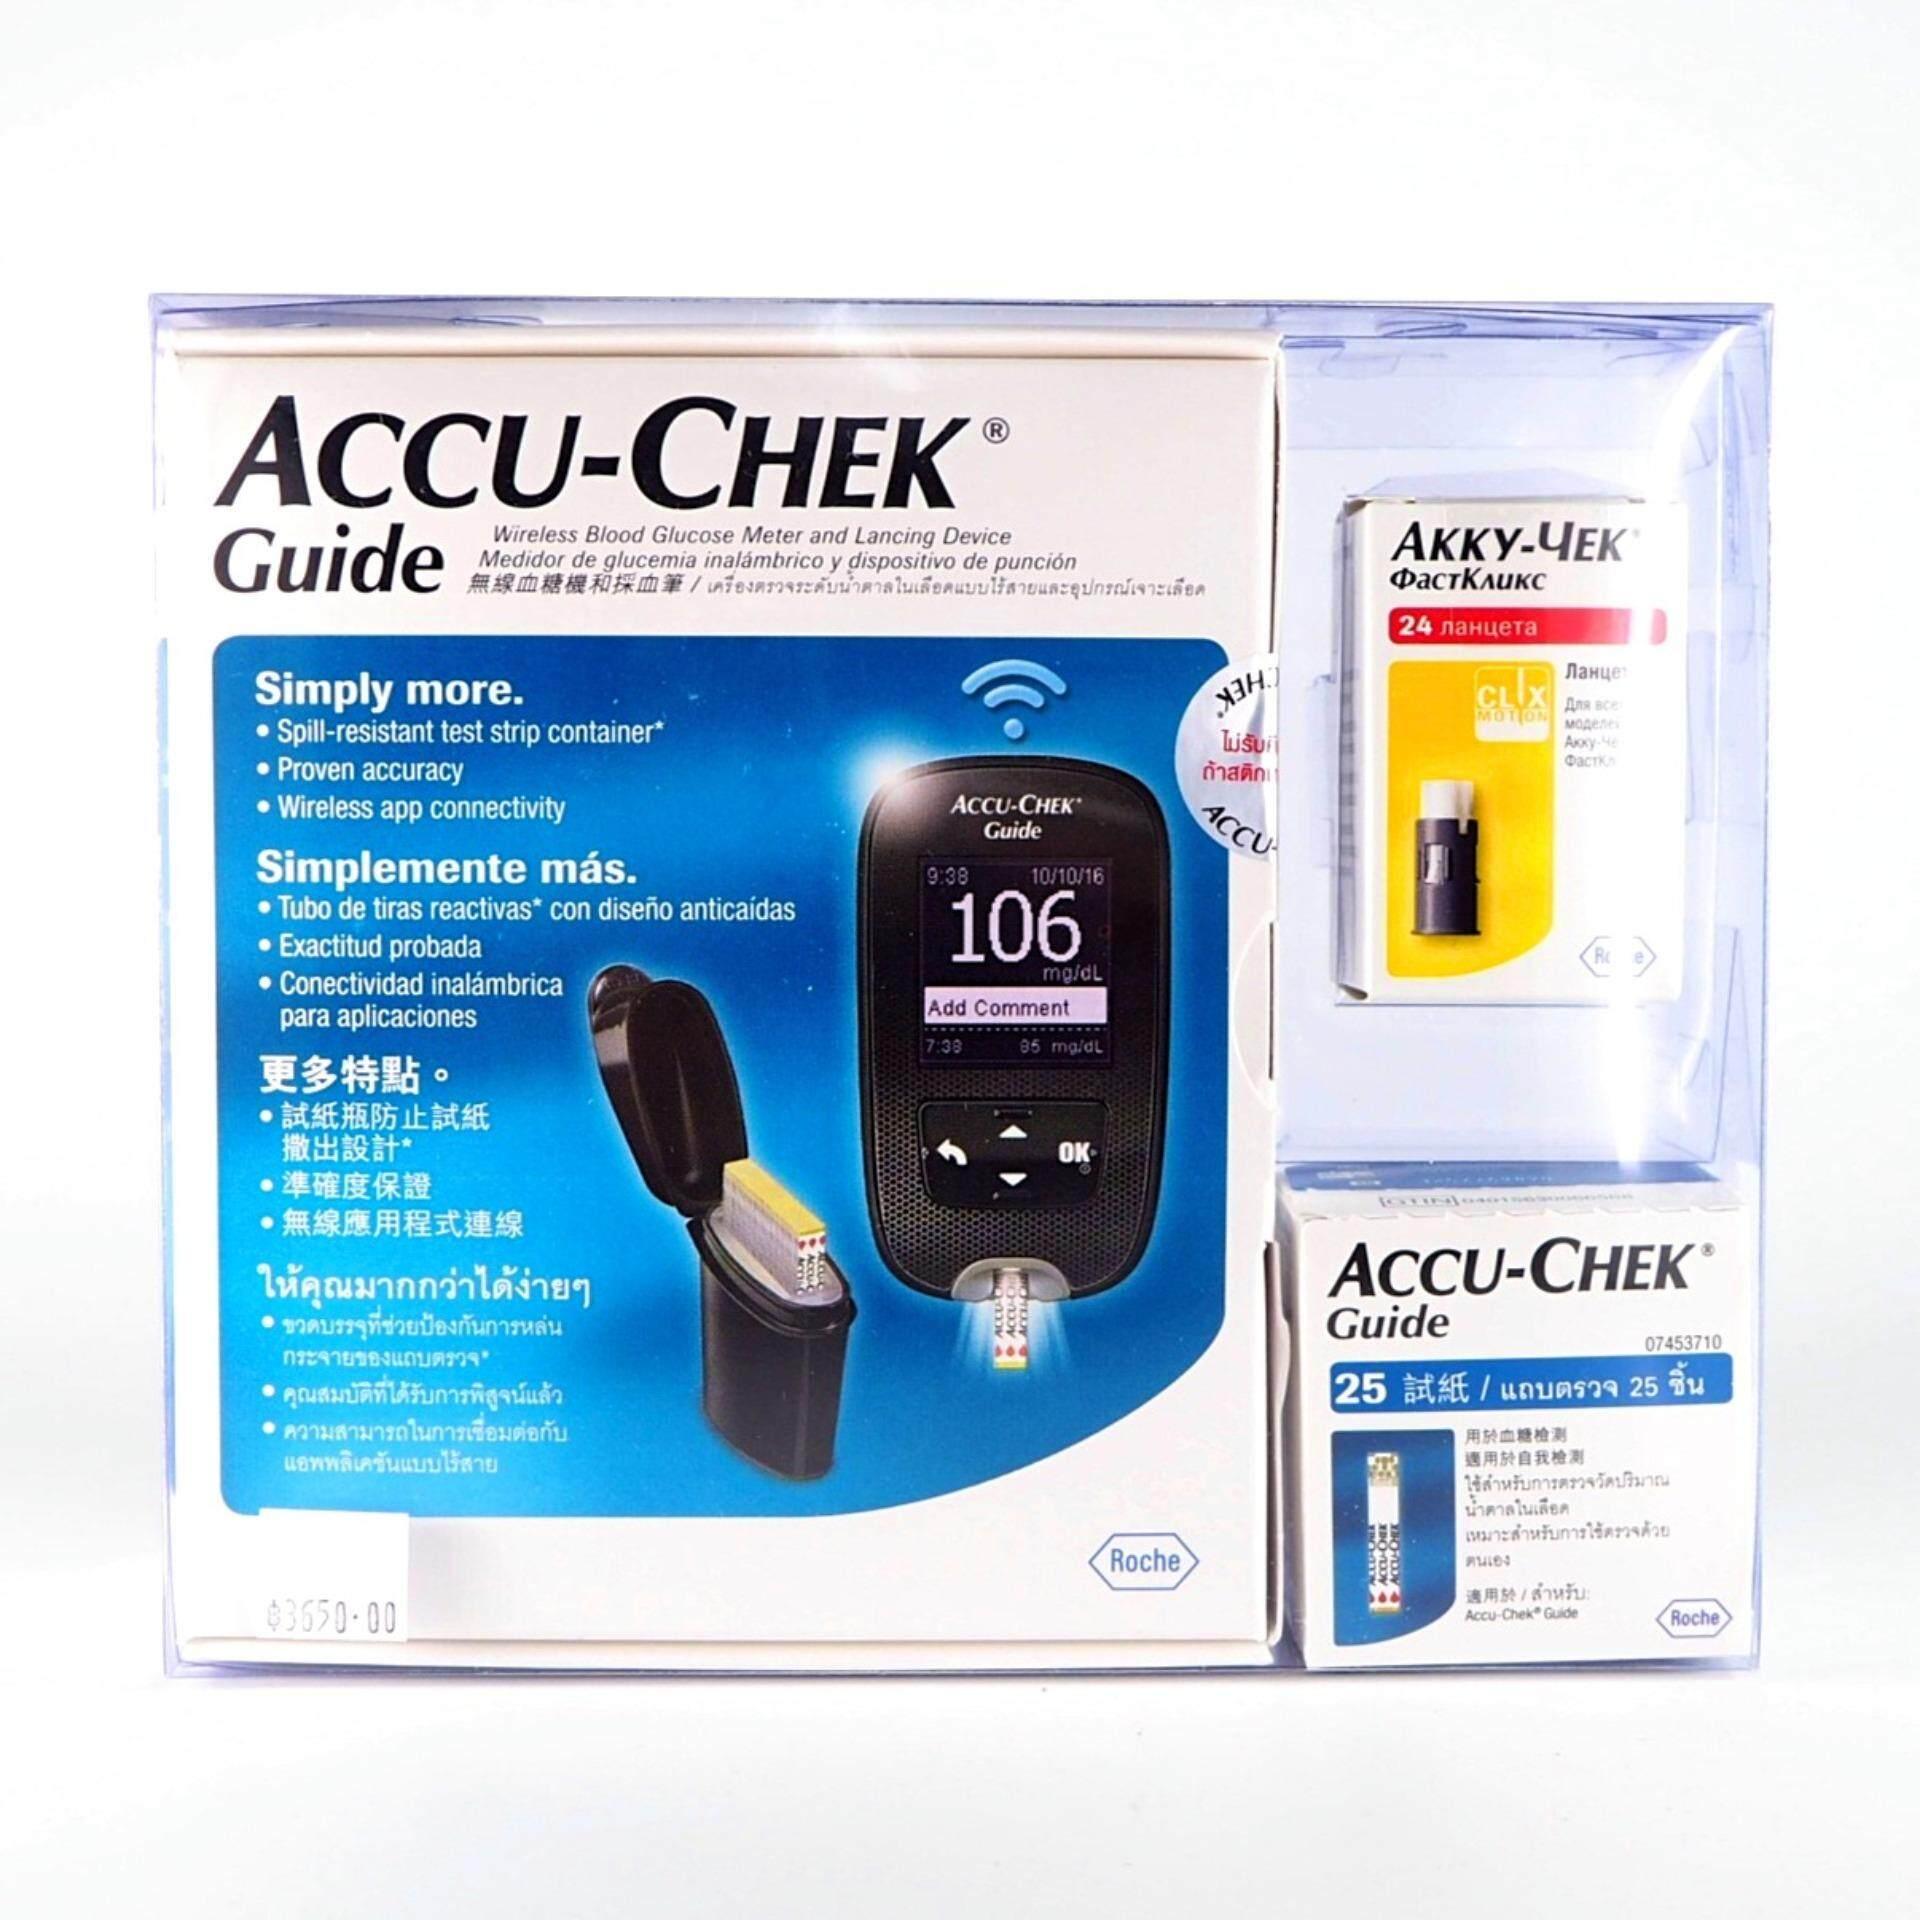 เครื่องวัดน้ำตาล Accu Chek Guide (ในกล่องมี เข็ม 6หัว และ แถบตรวจ 25 ชิ้น)